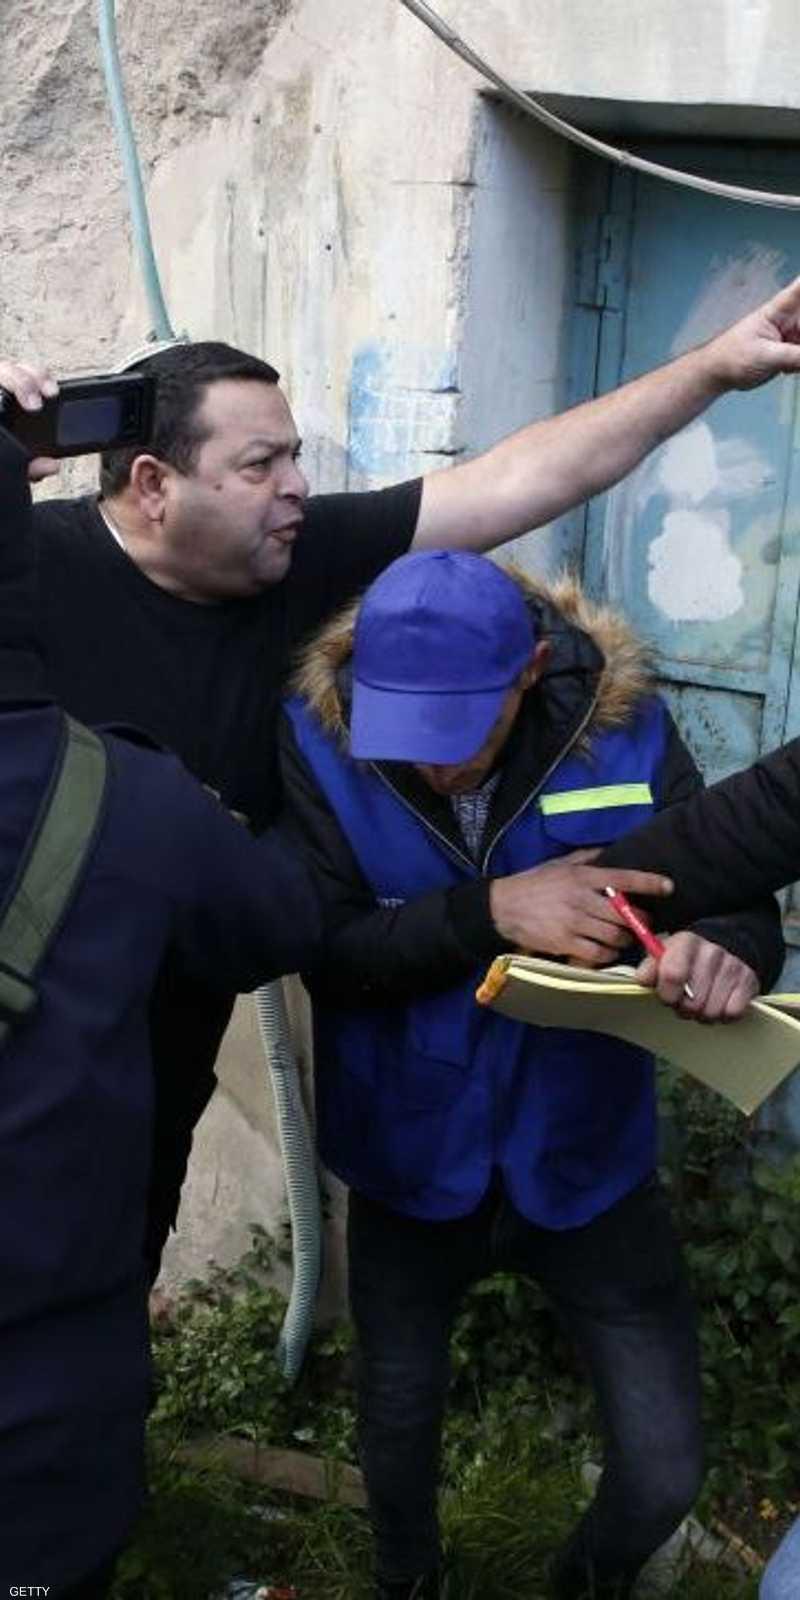 بعد طرد المراقبين من الخليل.. حل فلسطيني لحماية الأطفال 1-1226281.jpg